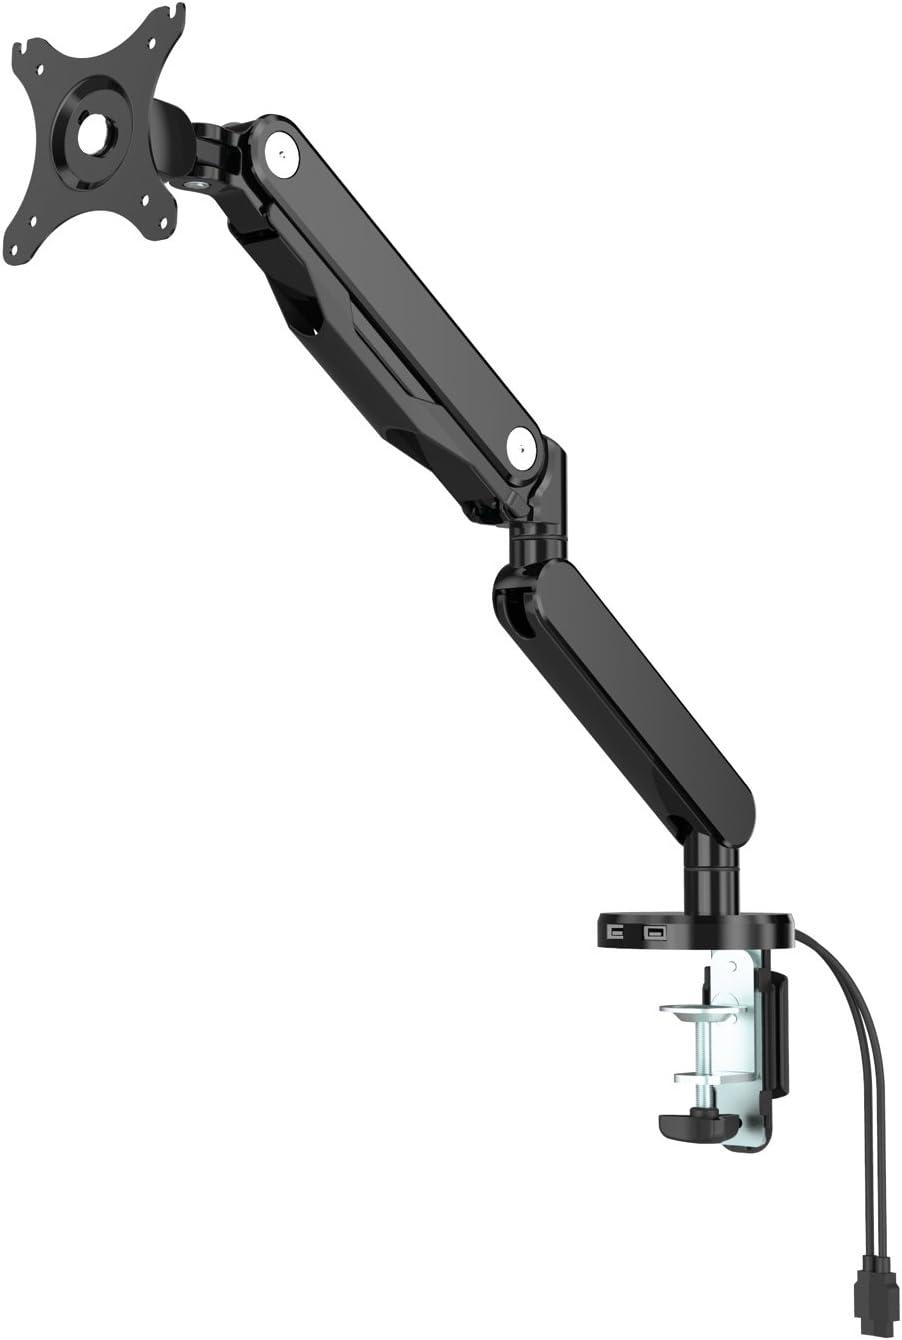 largeur x hauteur fonction pivot Noir Trous de fixation sur TV max 100 x 100 mm 10-30 inch orientable VESA 75 x 75 /à 100 x 100 inclinable eSmart TV // Monitor Table Mount 25-76 cm pivotant orientable